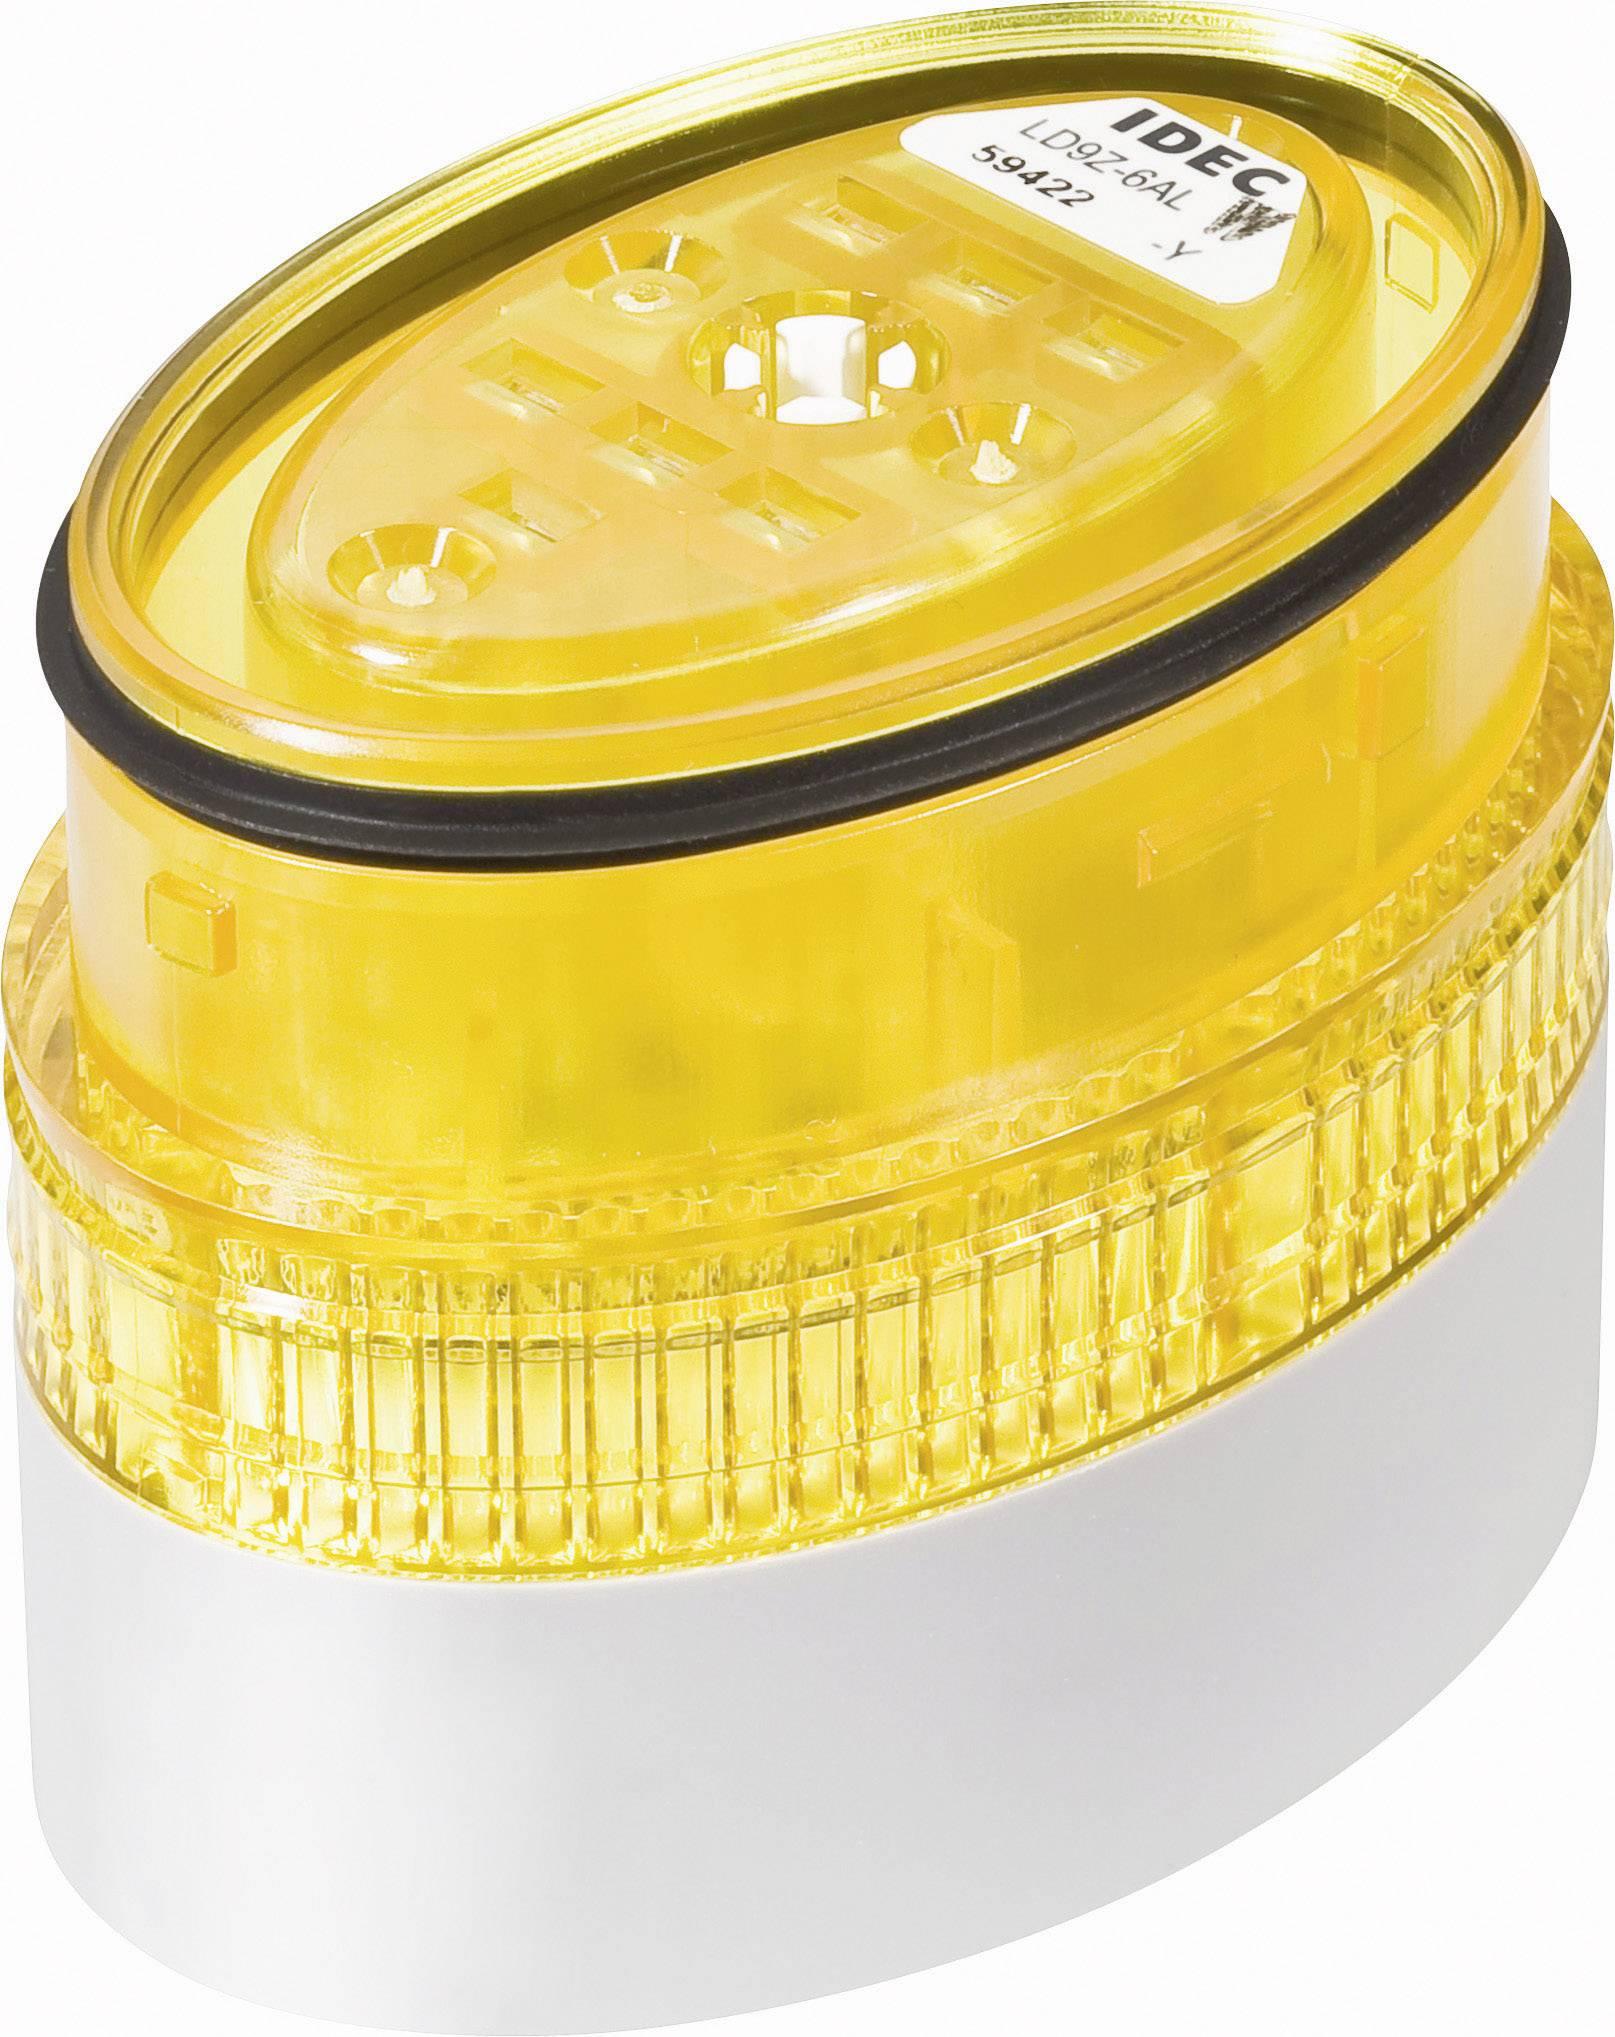 LED signalizační sloupec Idec LD6A (LD9Z-6ALW-Y), IP65, Ø 40 x 60 mm, žlutá